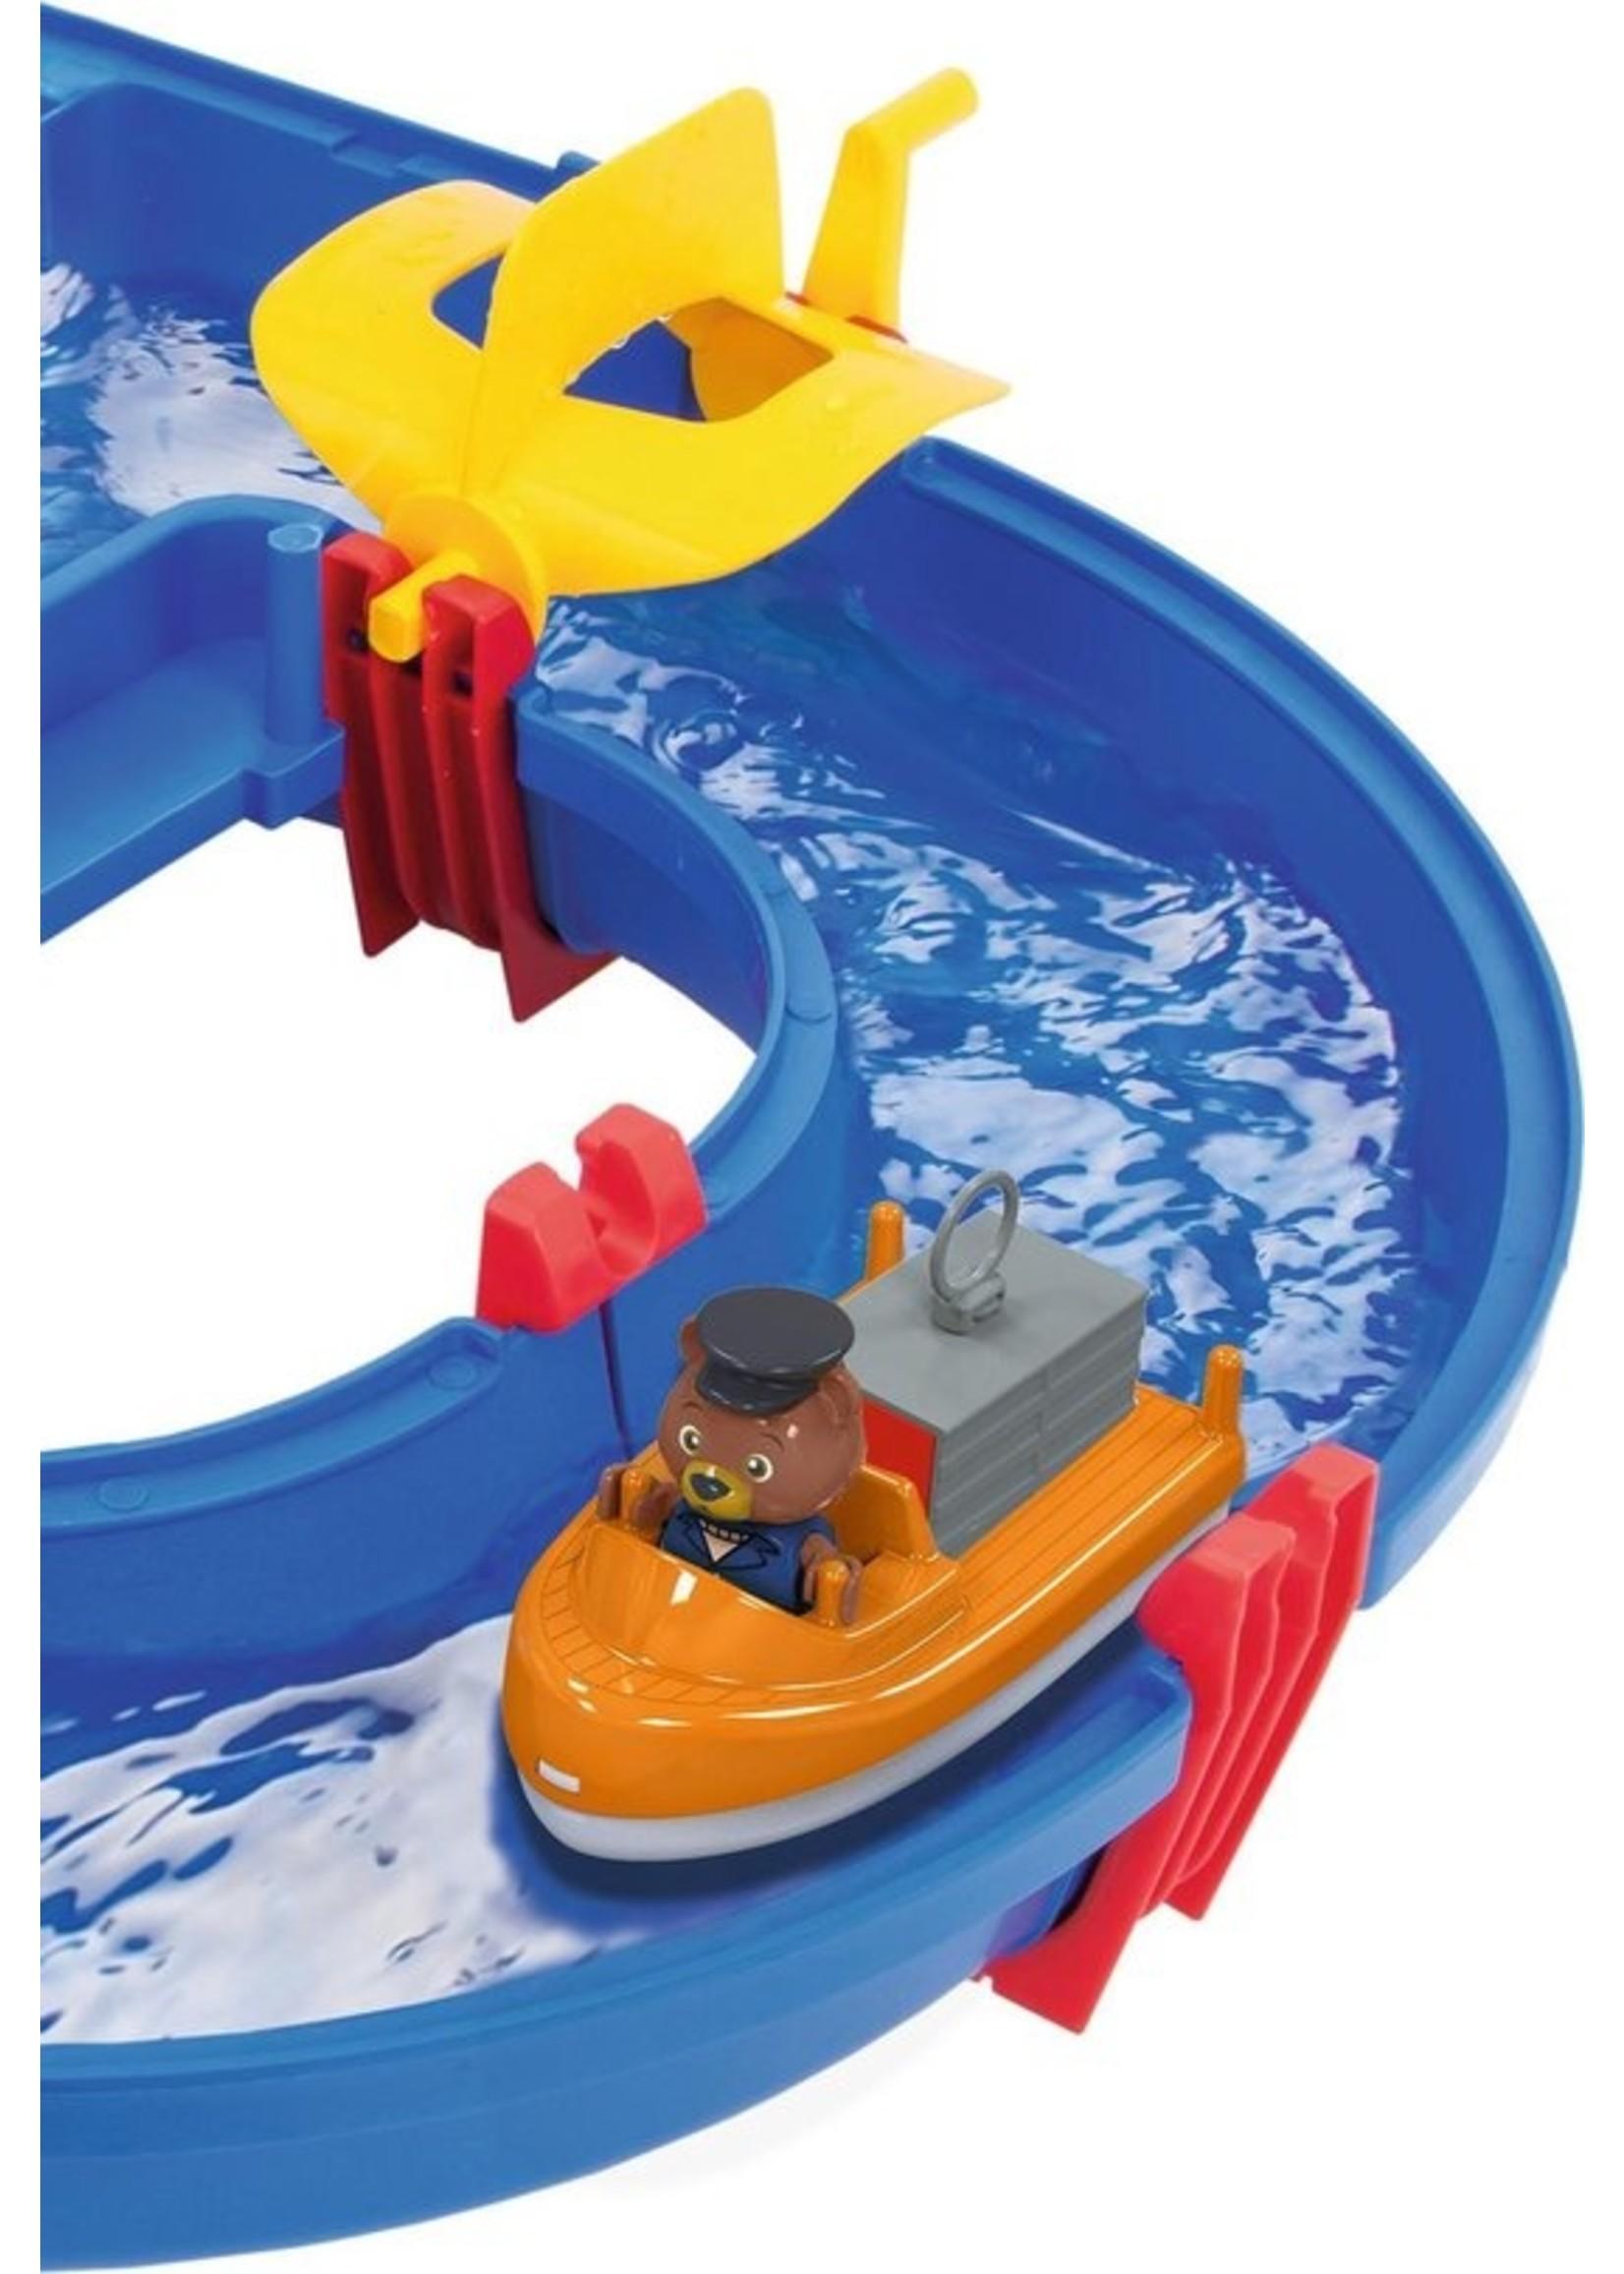 BIG BIG - Aqua Play Container Haven